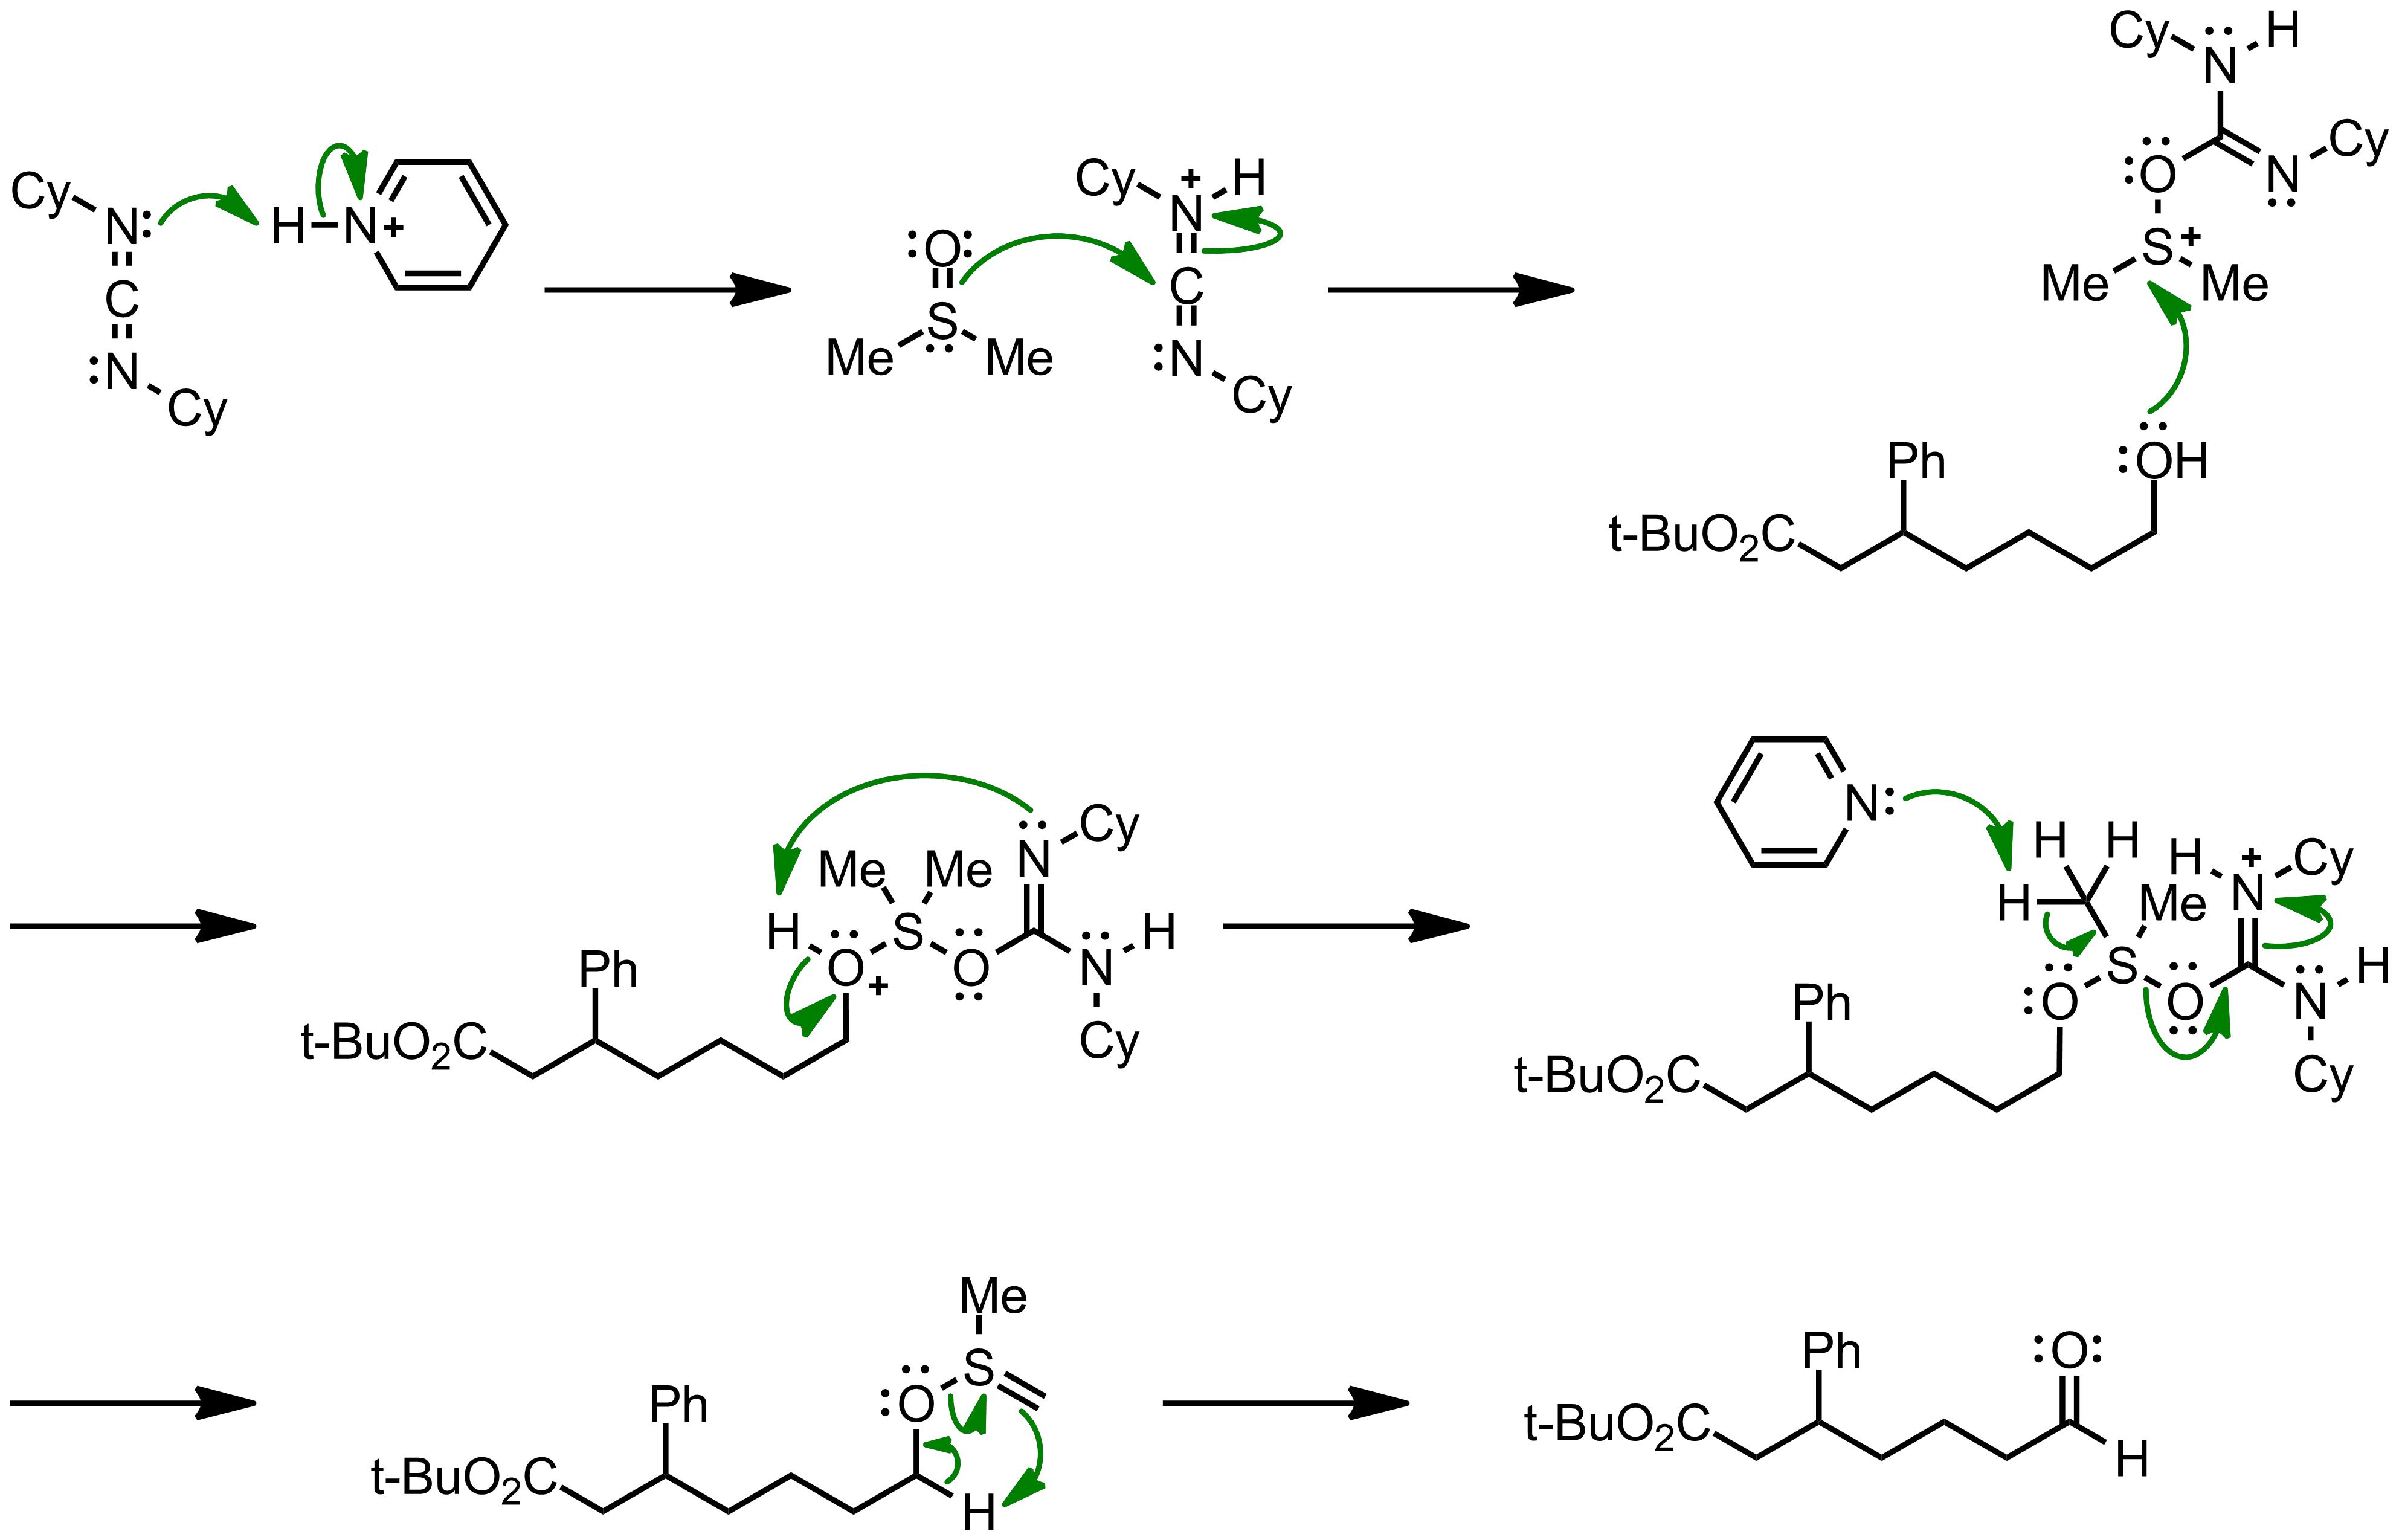 Mechanism of the Pfitzner-Moffatt oxidation